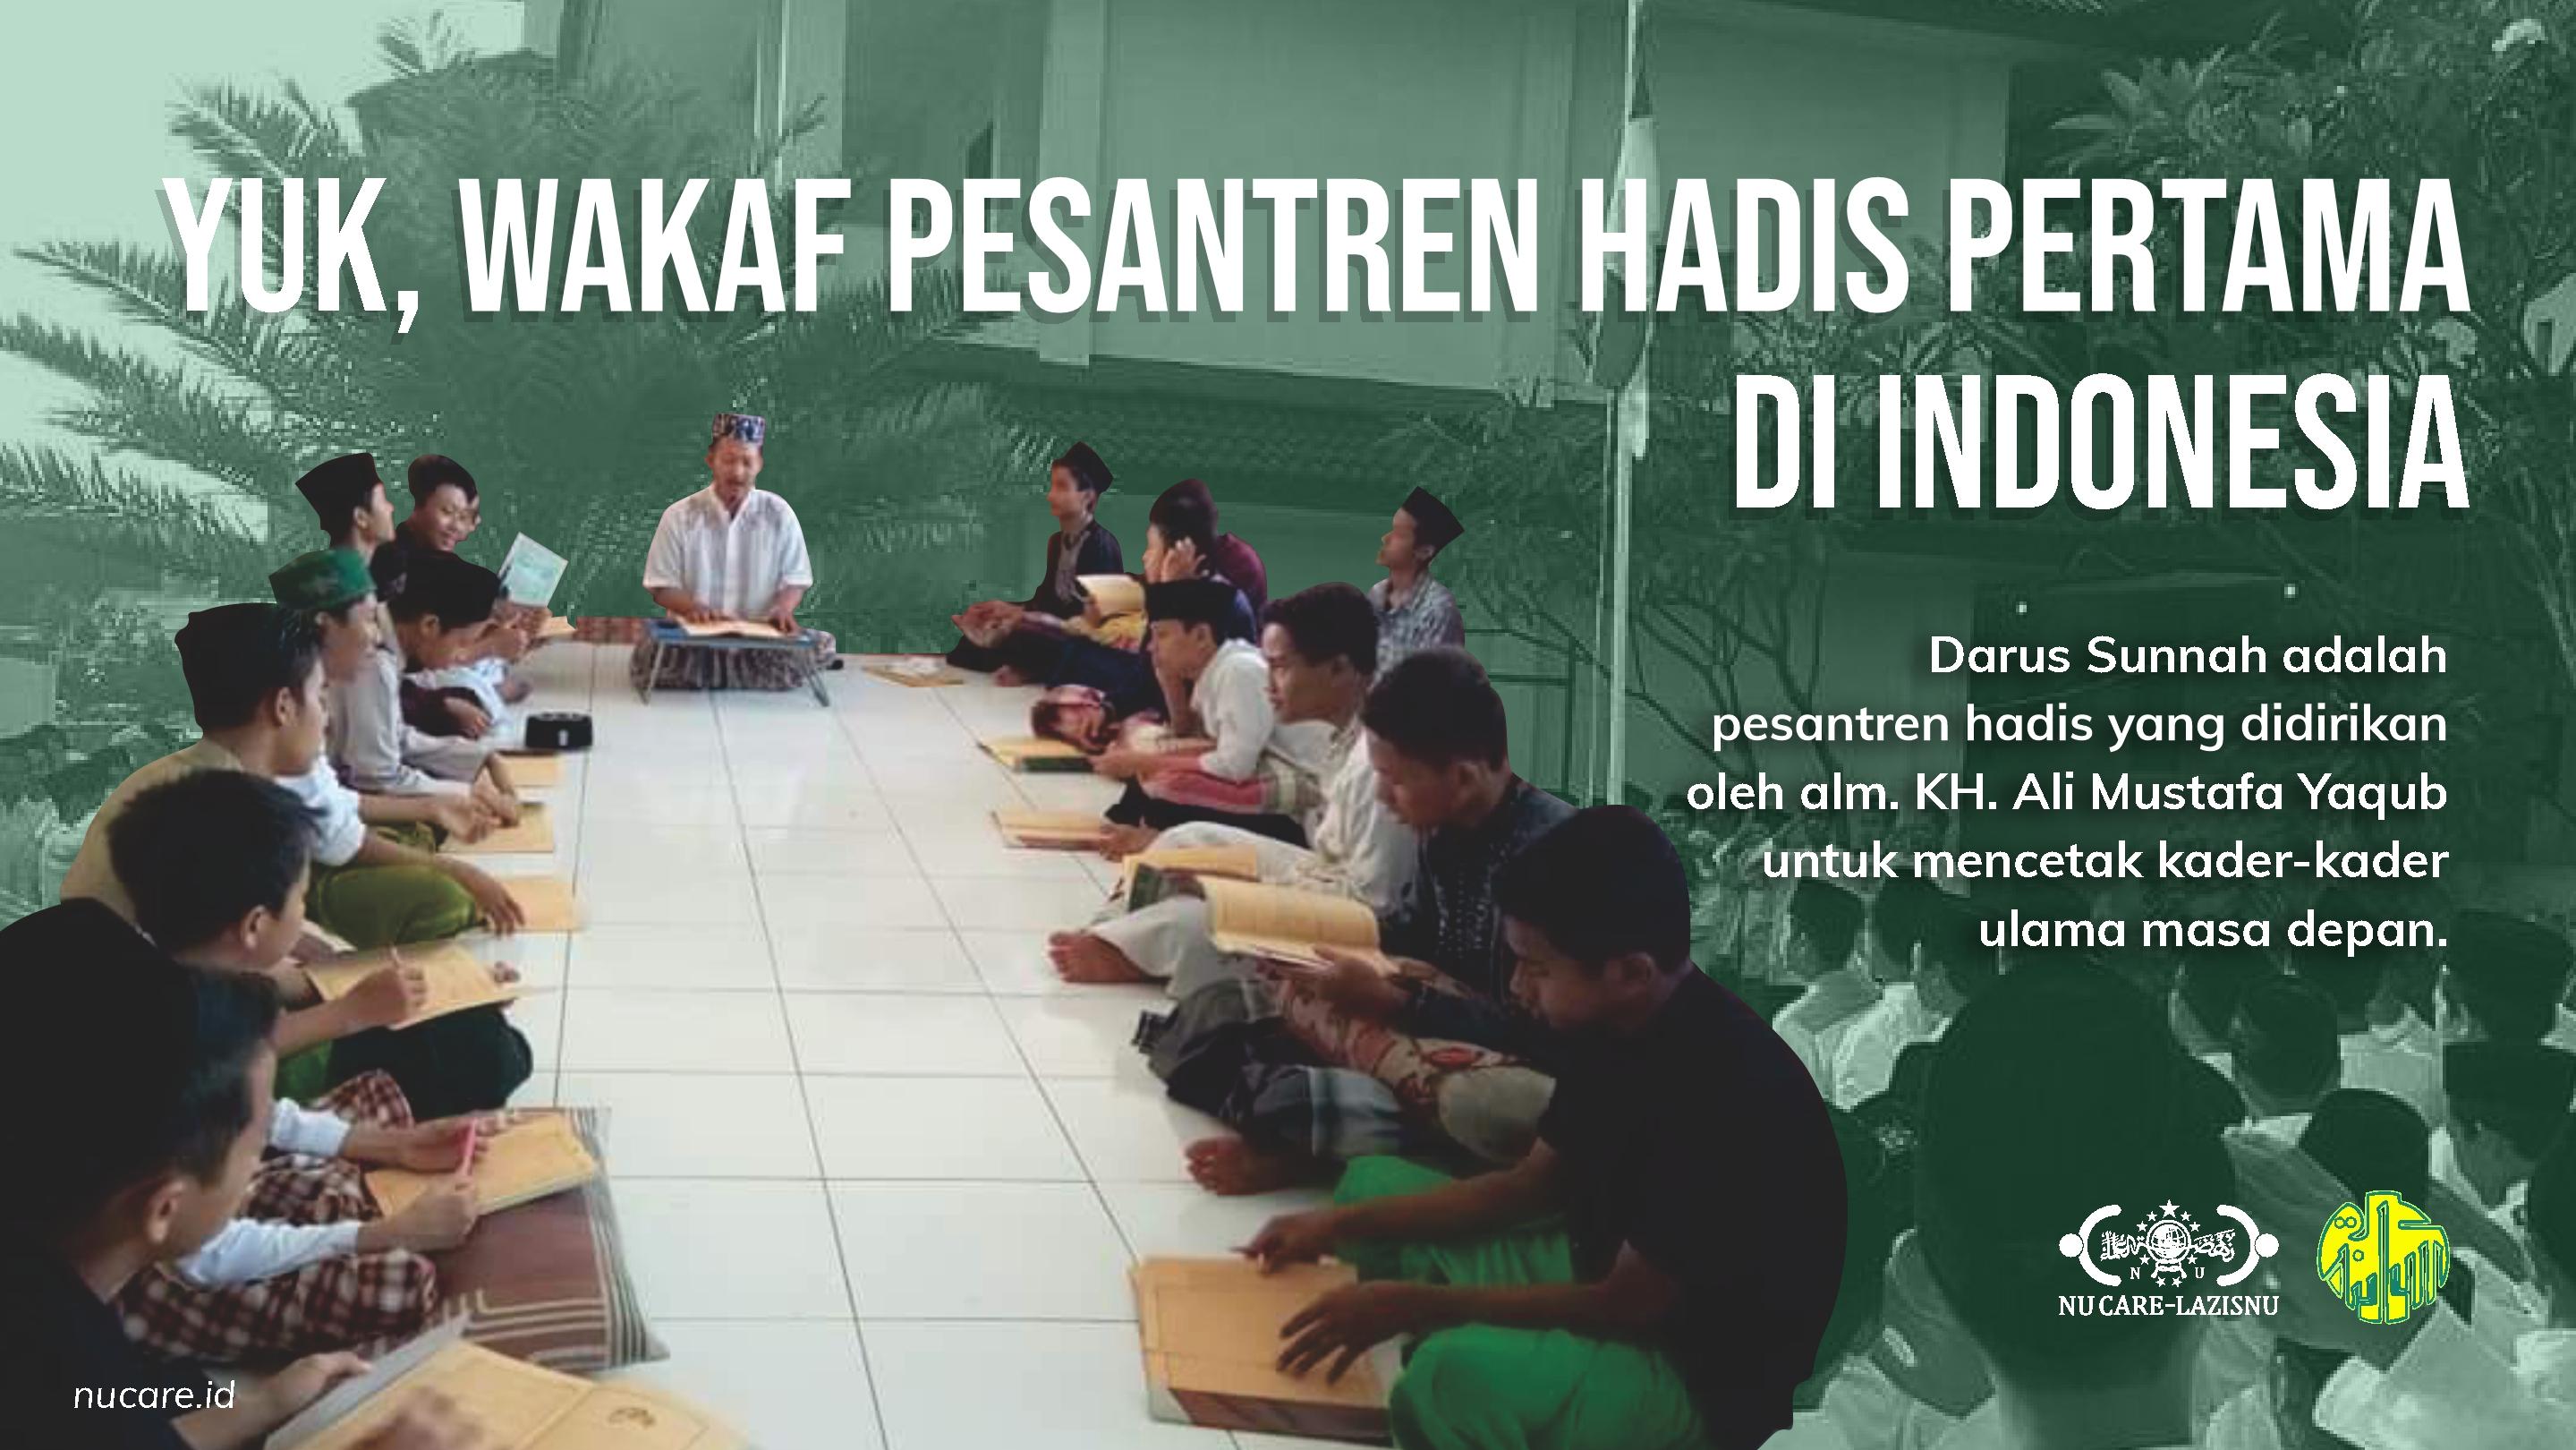 Yuk, Wakaf untuk Pesantren Hadis Pertama di Indonesia!